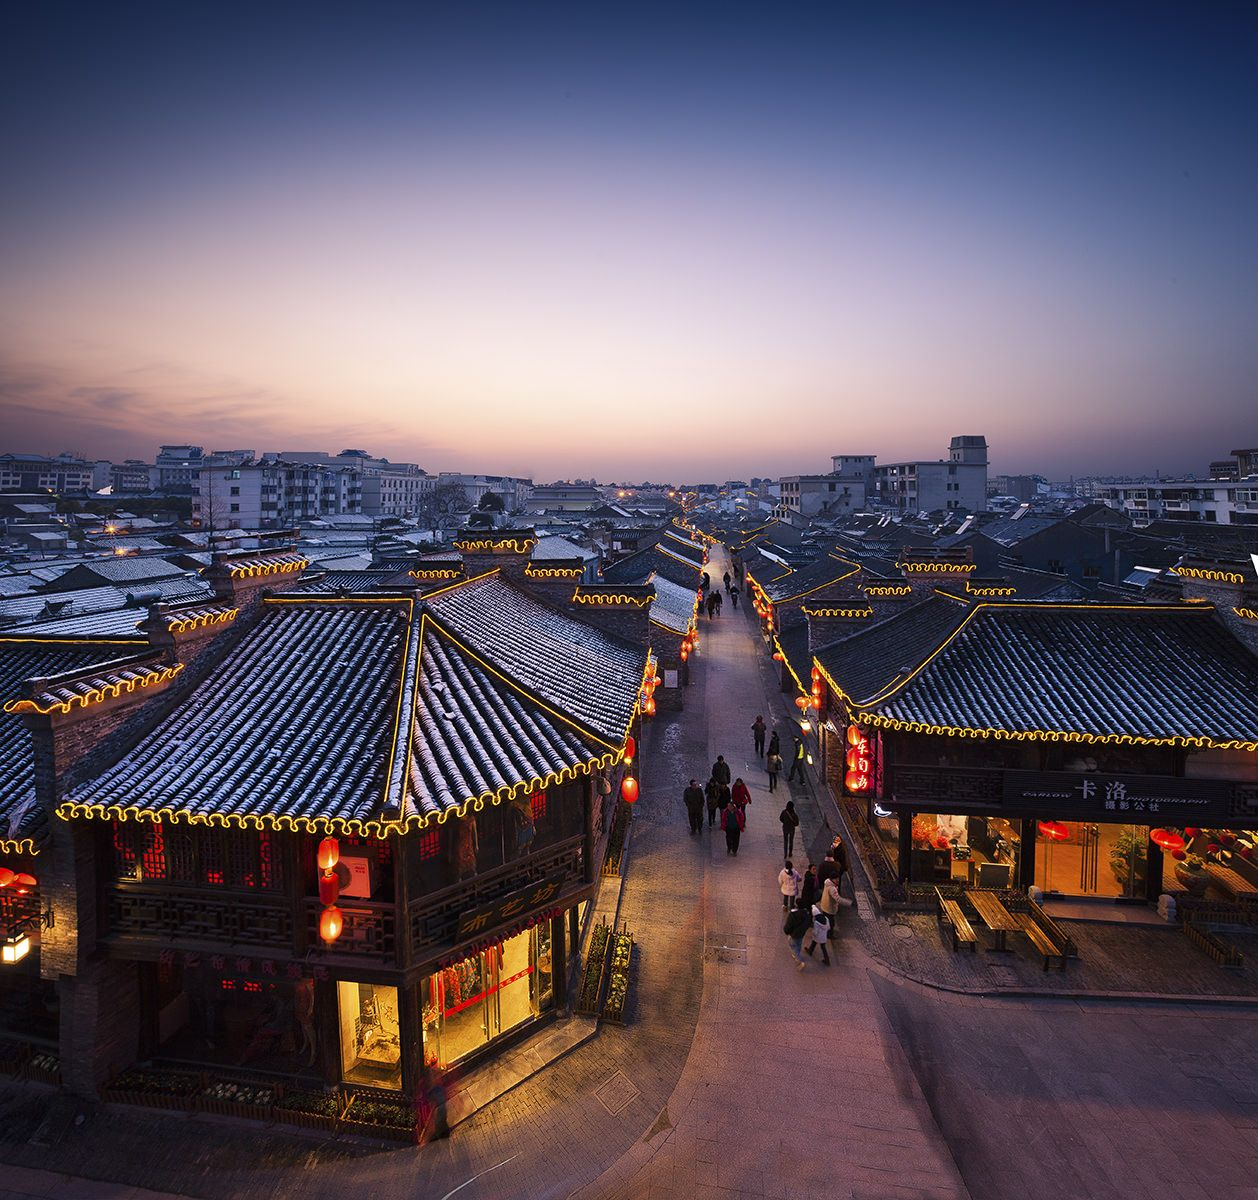 【東関街】 揚州の水陸交通の要地。かつて、揚州が繁栄していた証でもある。